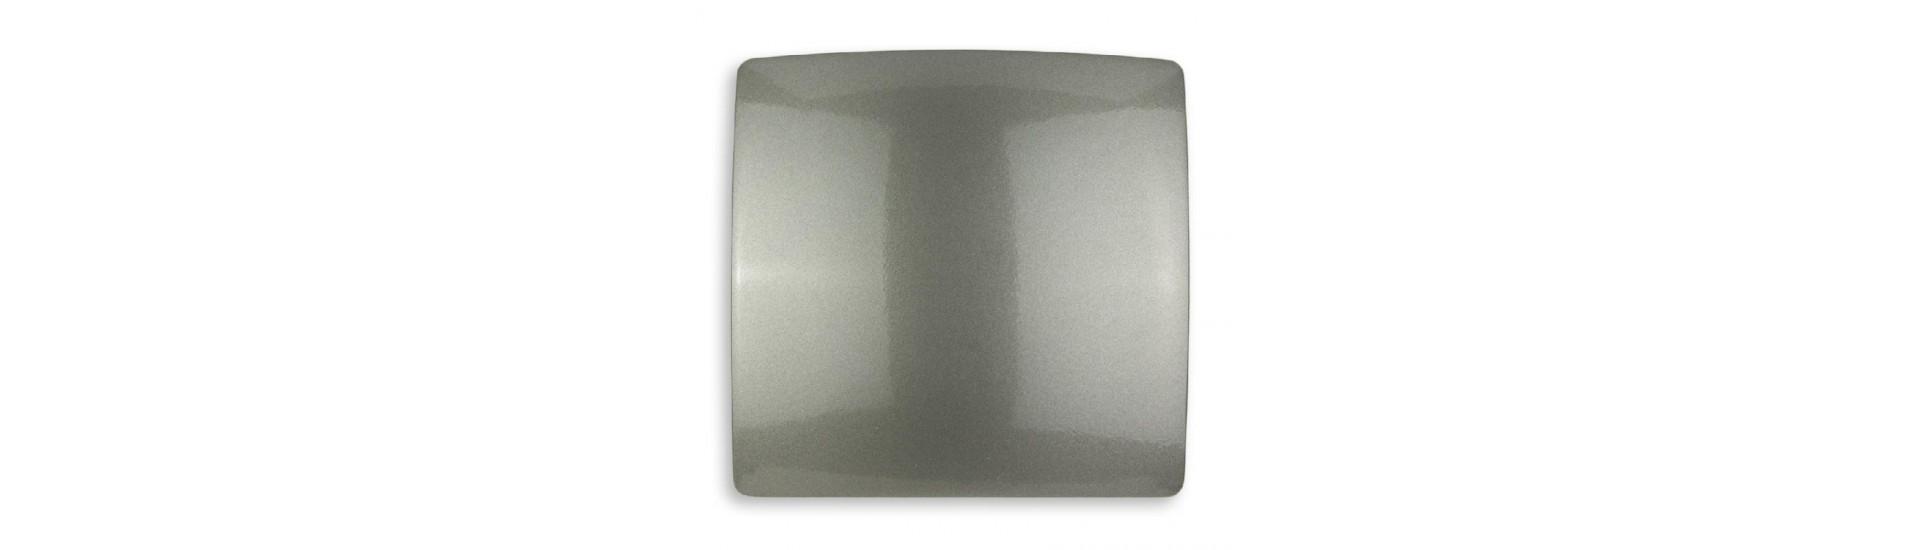 Магнит для штор на тросе 970-934 Винил бежевый 14,5 см Квадрат